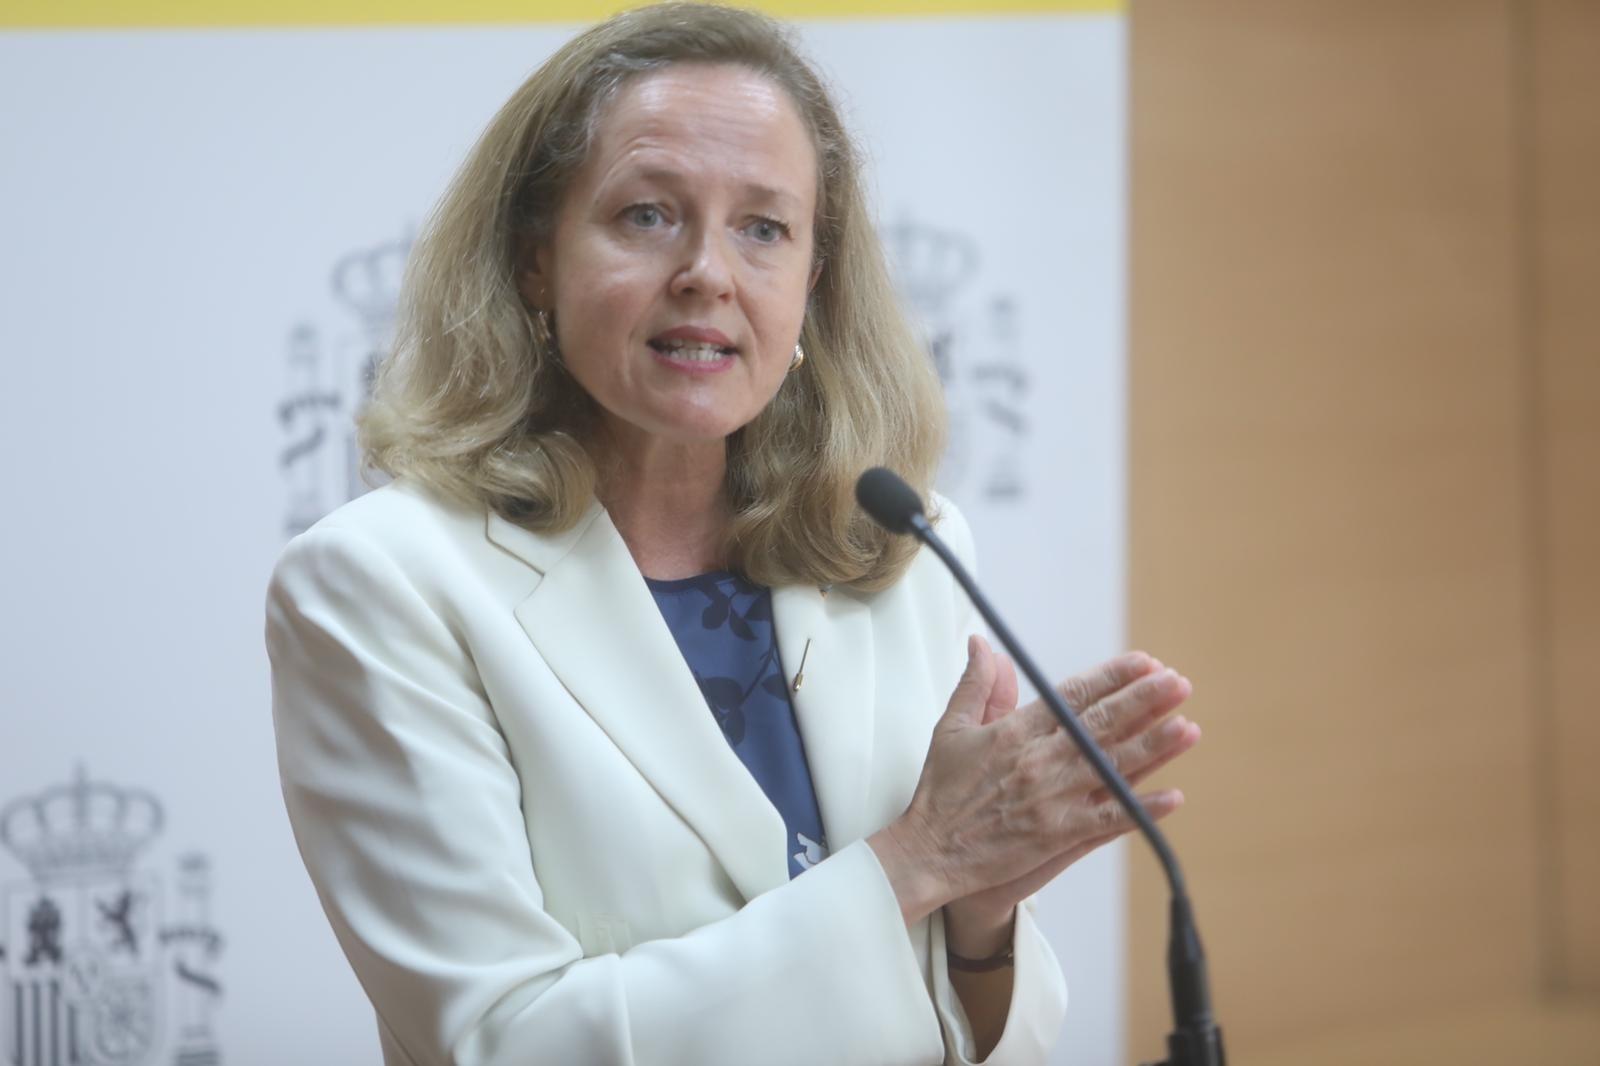 La vicepresidenta primera y ministra de Asuntos Económicos y Transformación Digital, Nadia Calviño, en Cádiz.